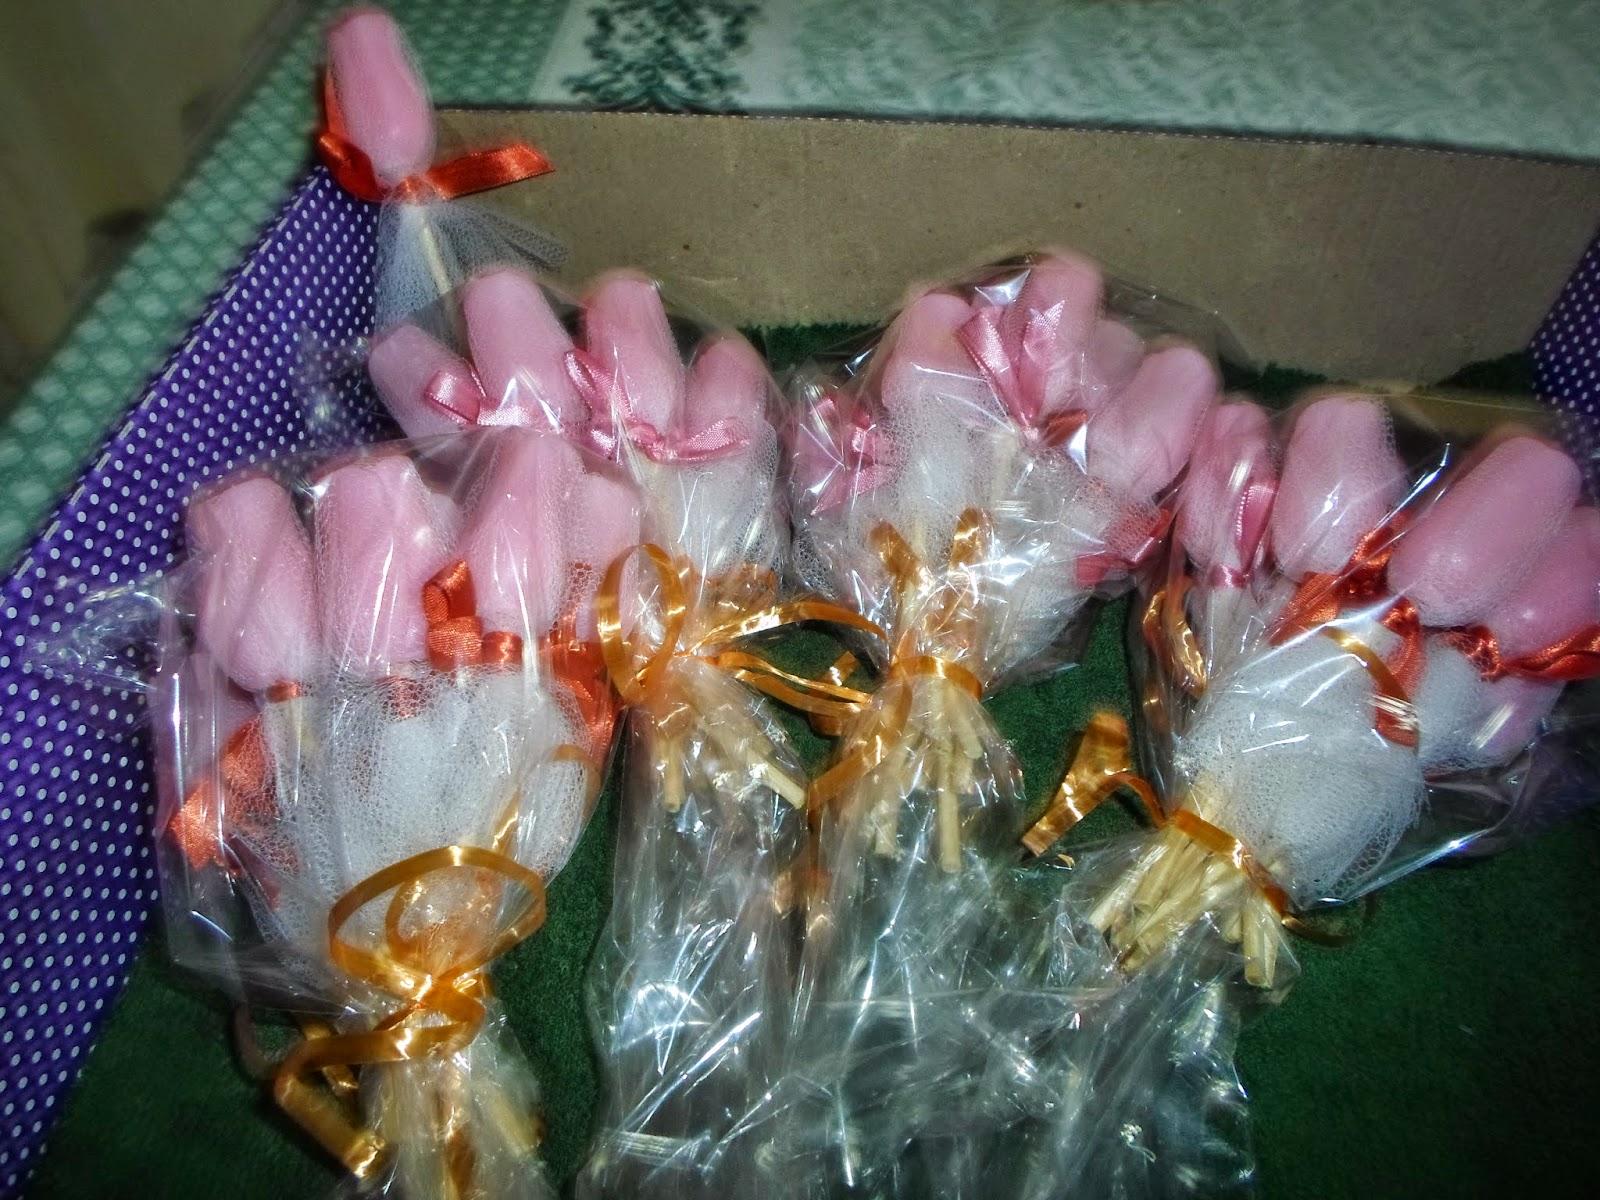 sabonetes artesanais em forma de botão de rosa - essência Dama da Noite